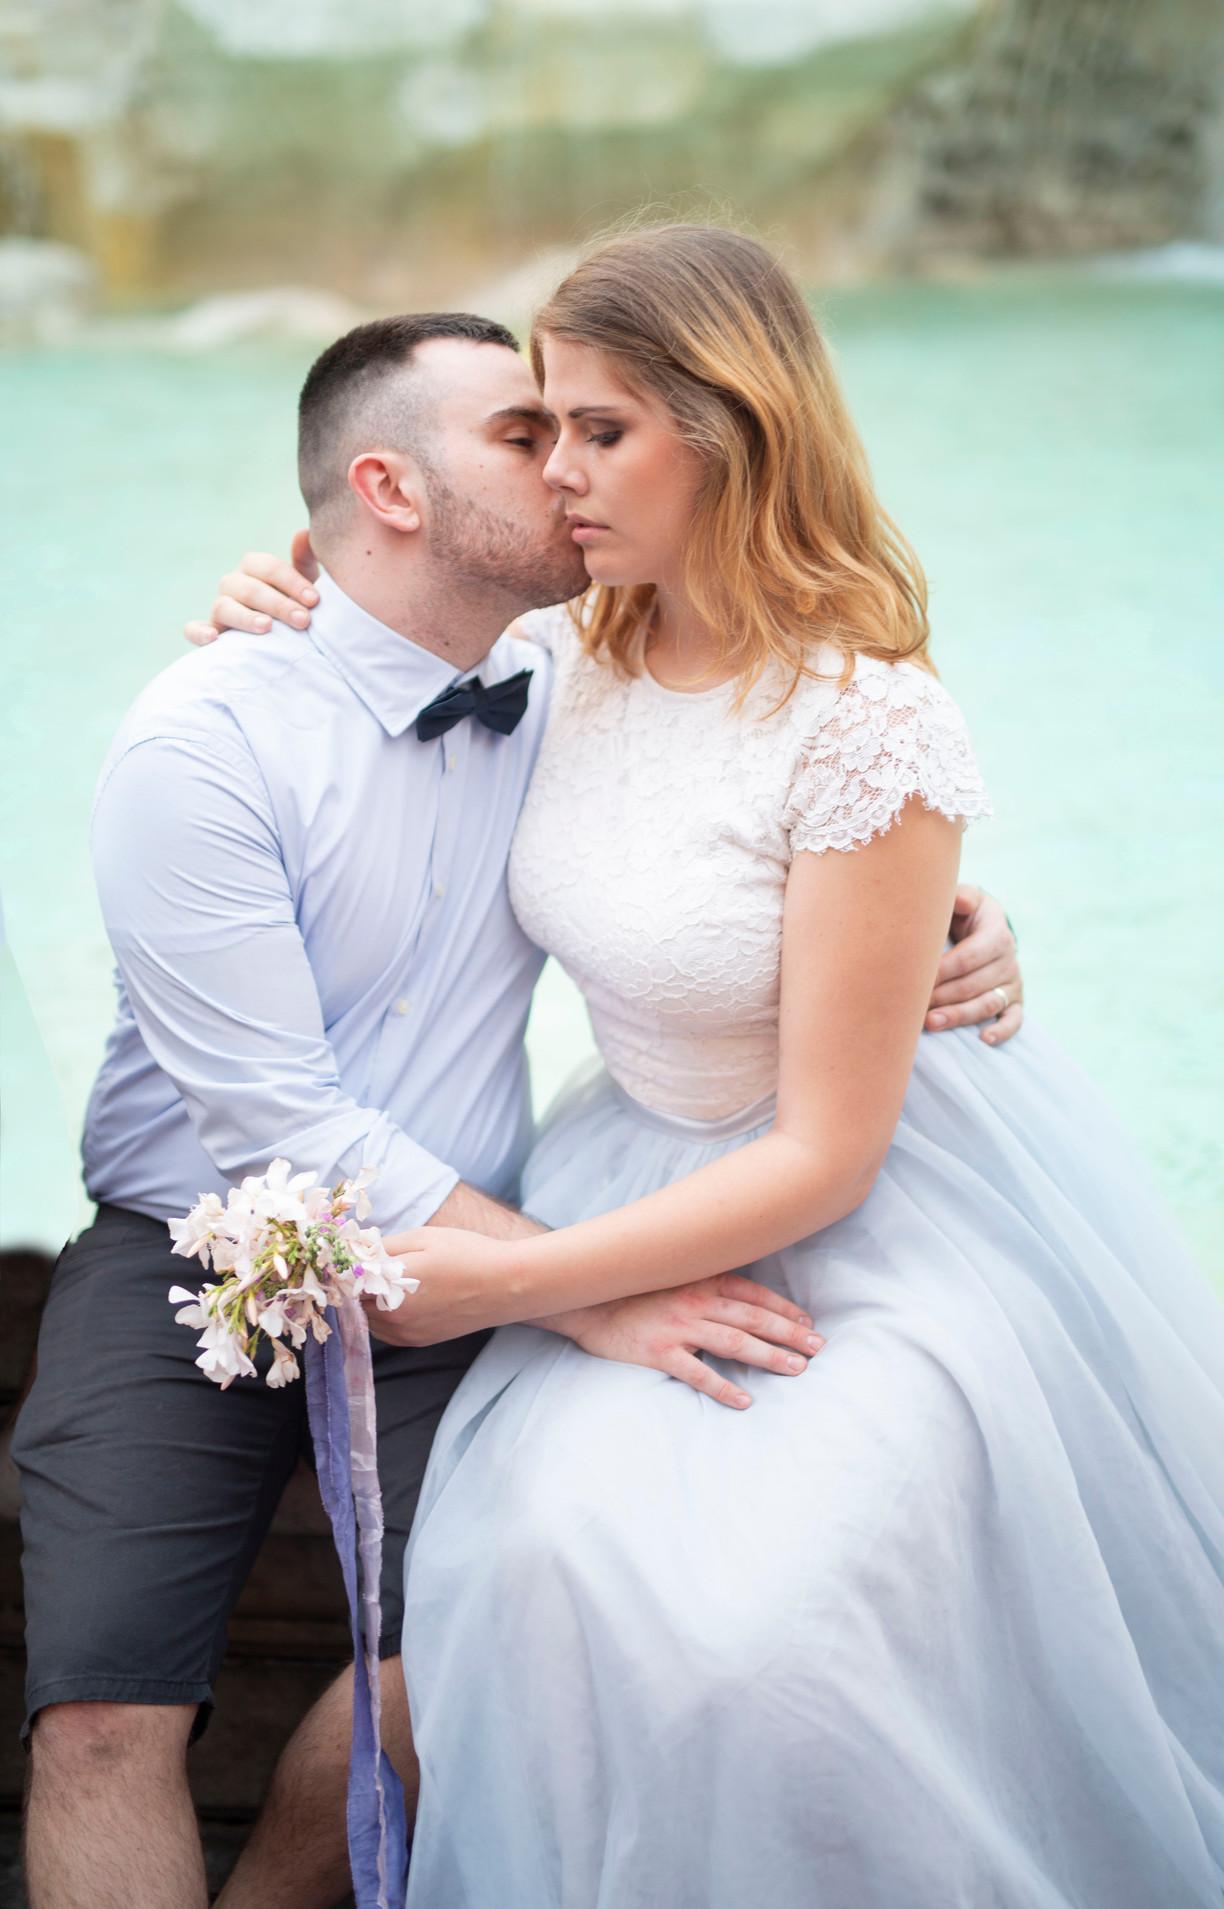 Sarah & Siro, Rom, Bröllop i Italien